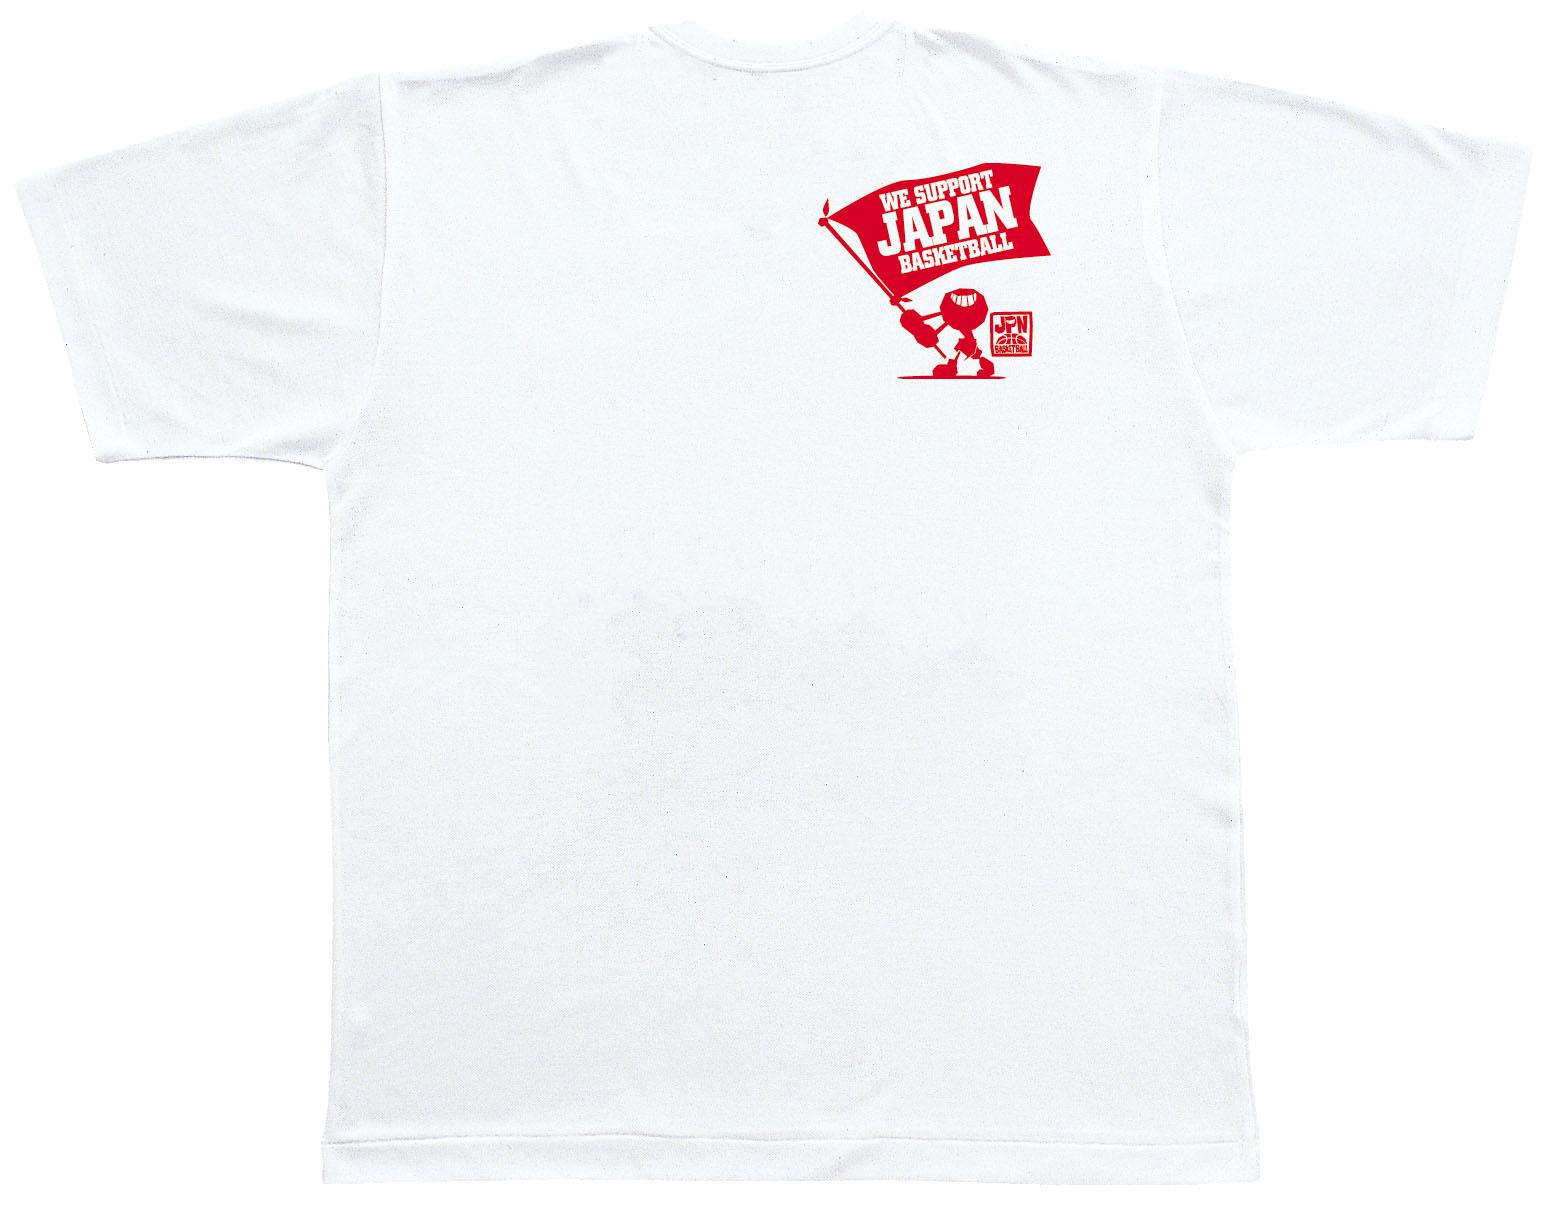 チームファイブ リミテッドTシャツ【ATL-078-08】